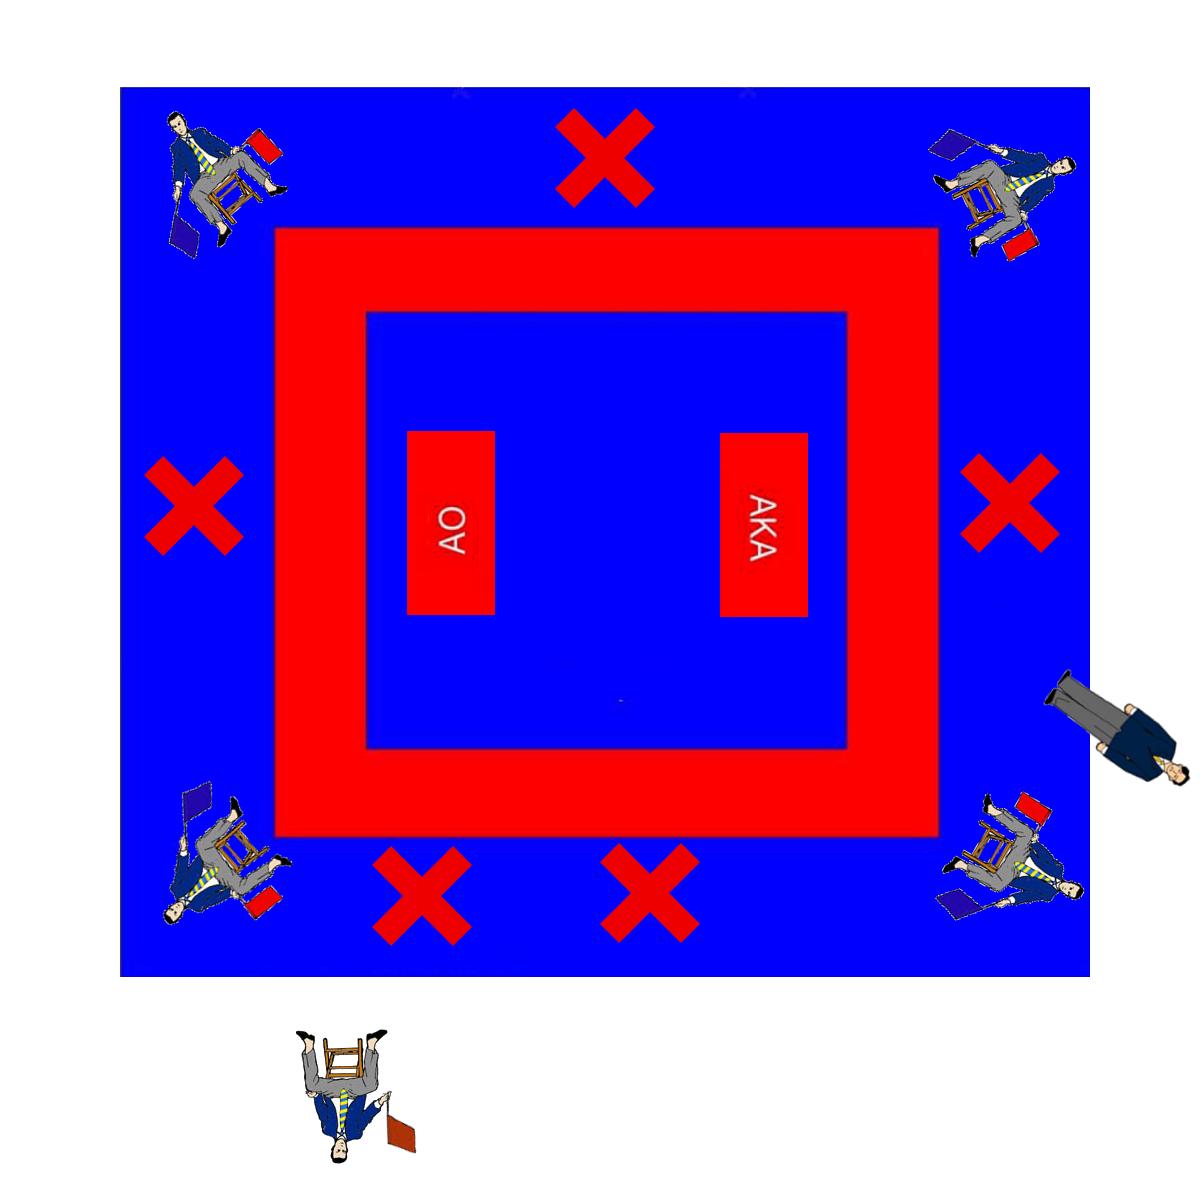 posicion arbitro